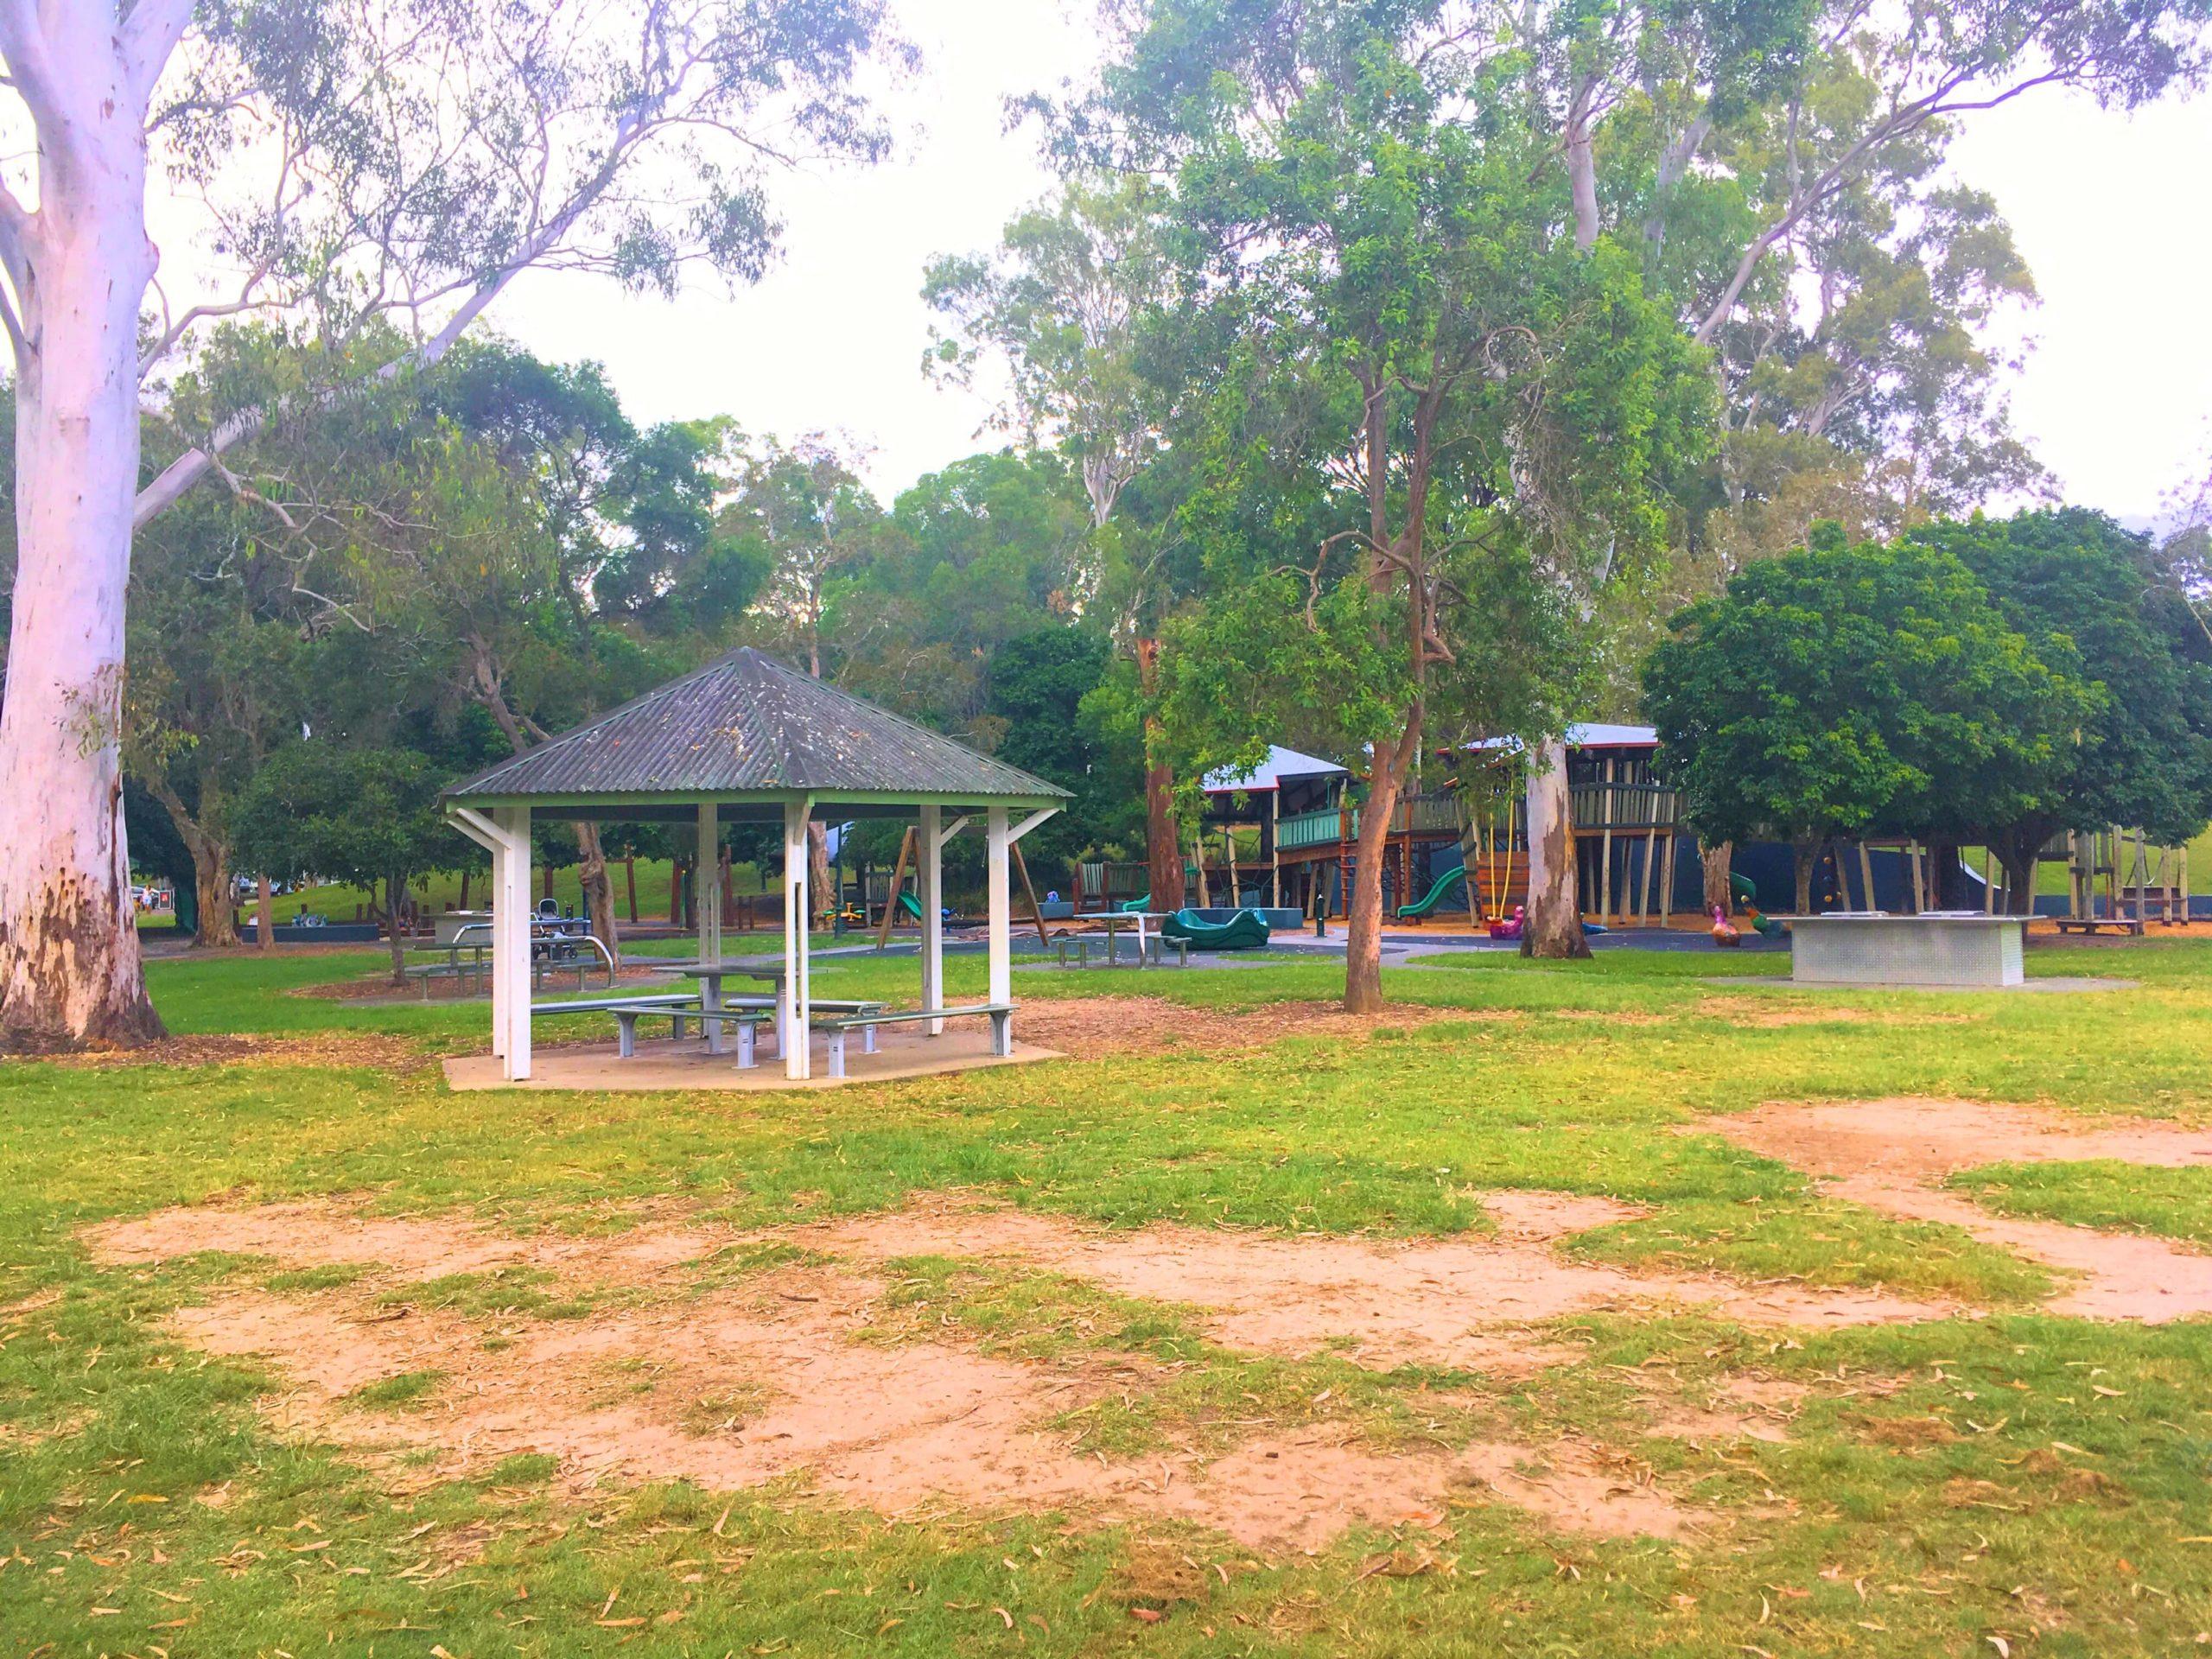 ブリスベンの公園 カリンガパーク(Kalinga Park)を紹介